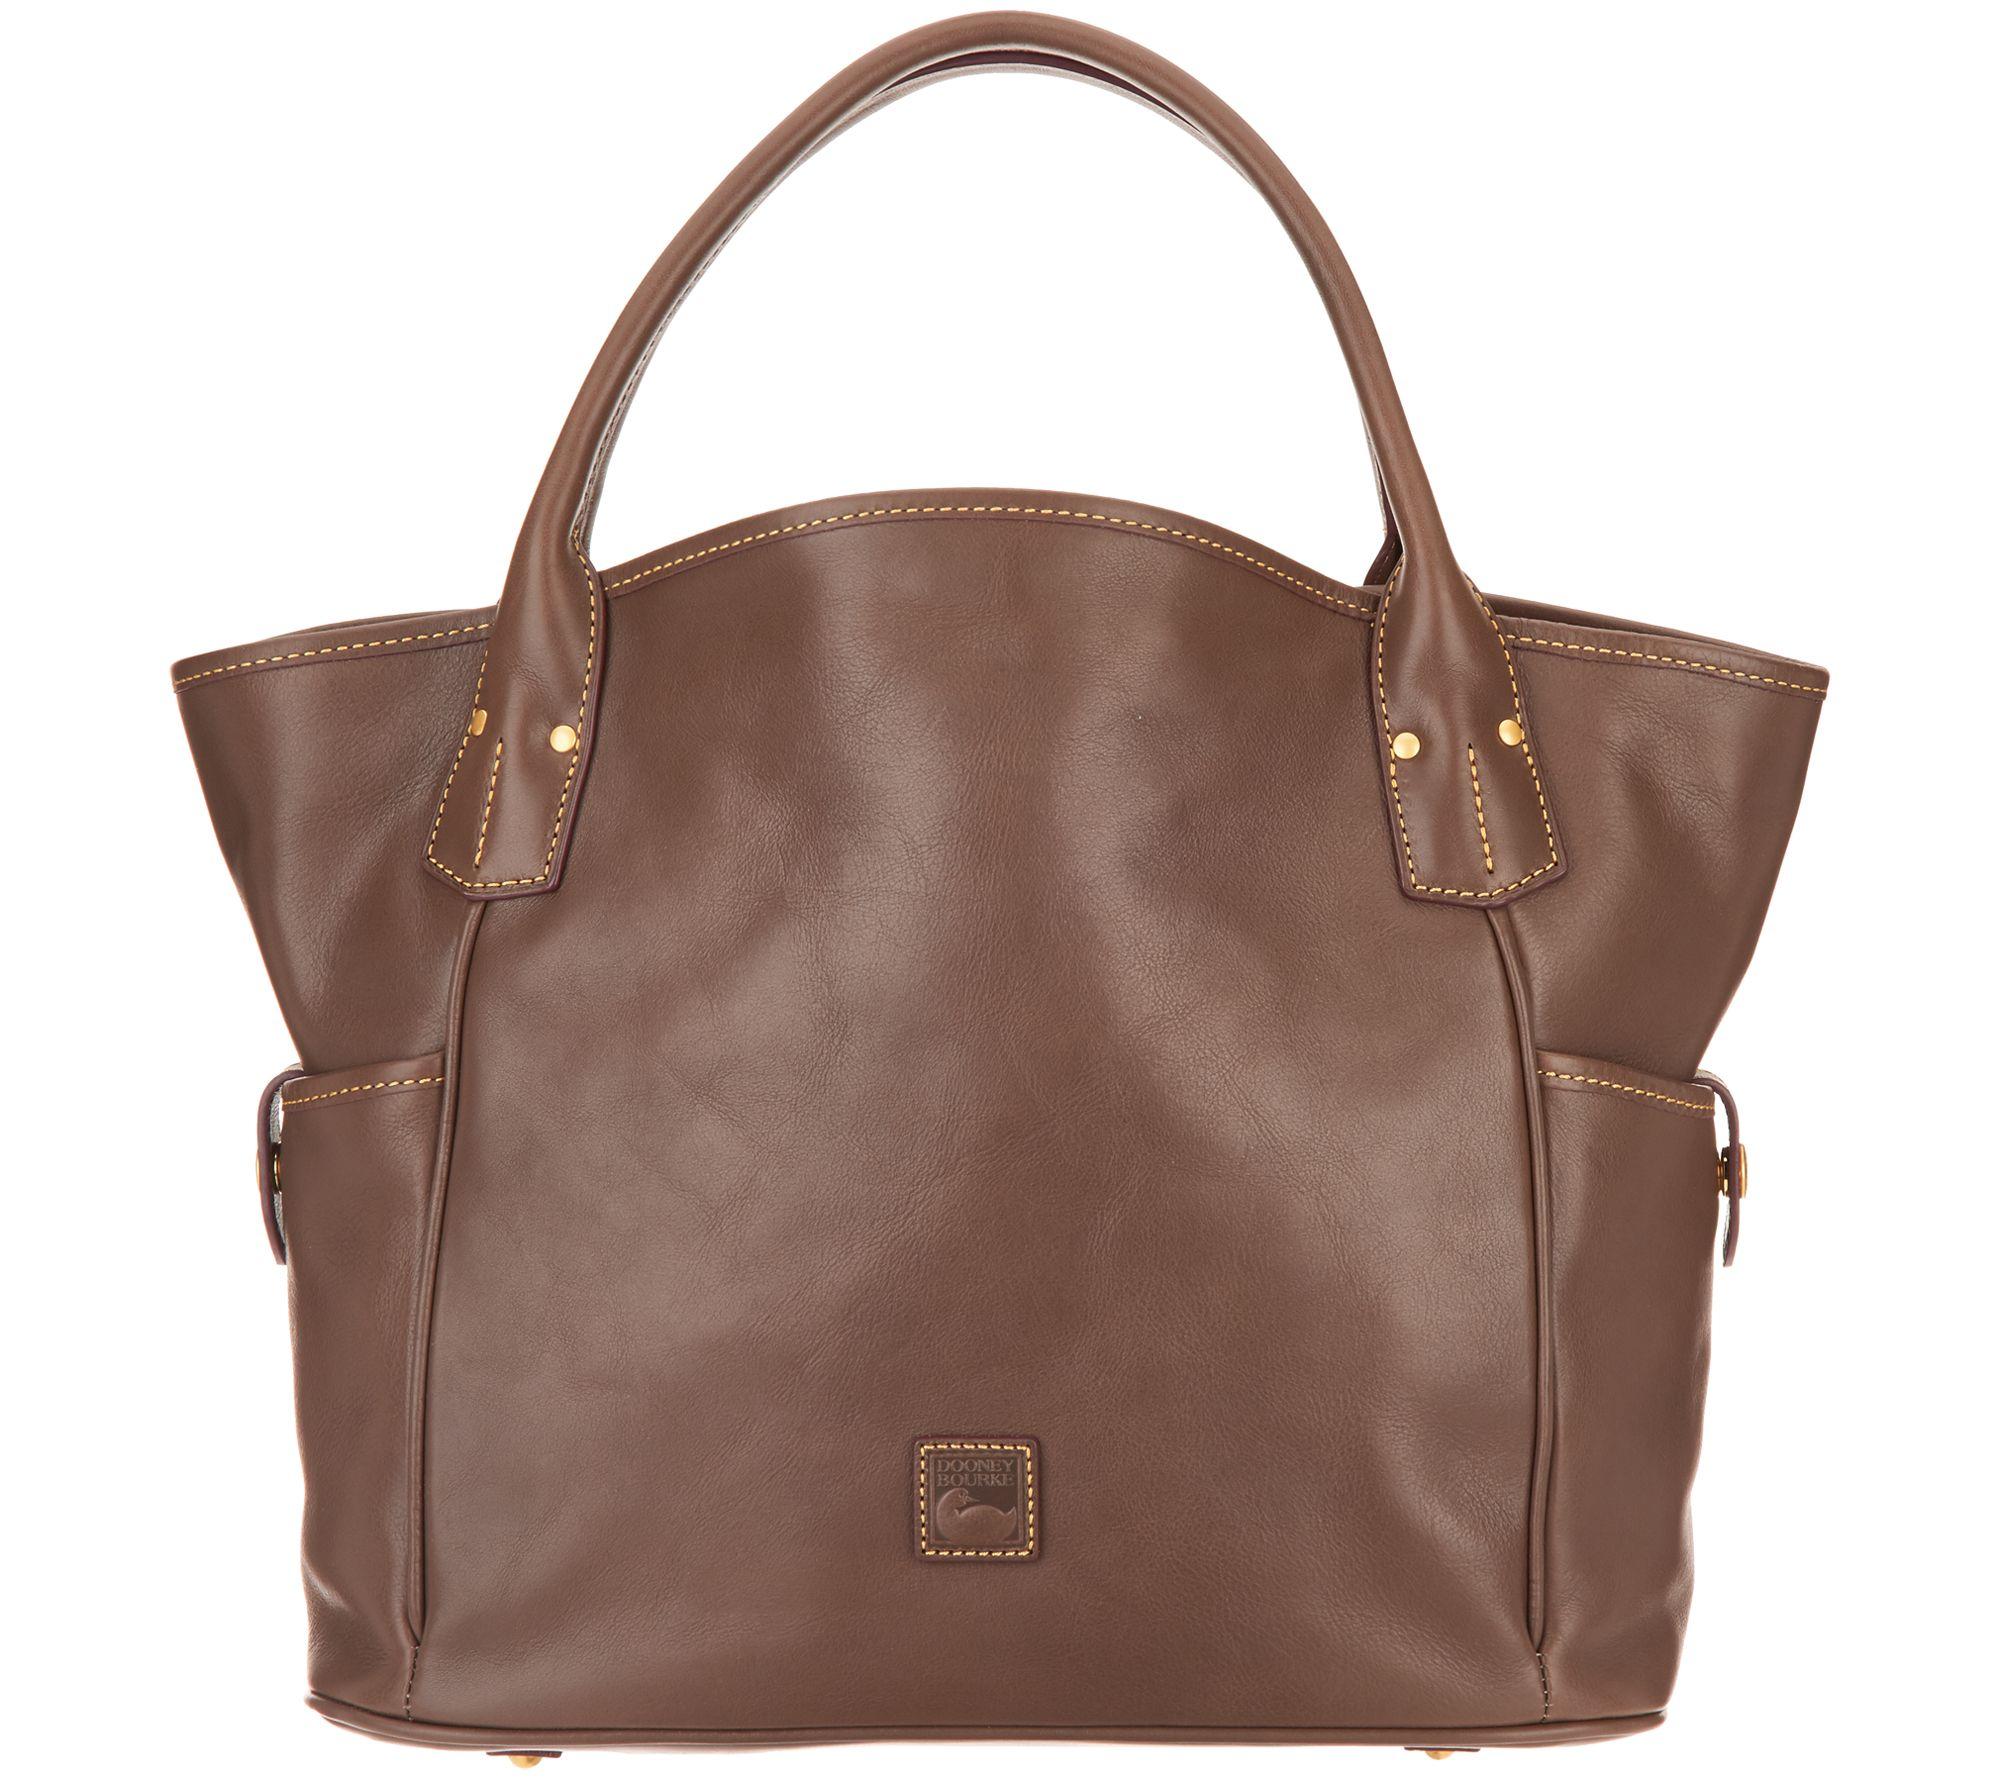 e2db94d48fc Dooney   Bourke Florentine Leather Kristen Tote - Page 1 — QVC.com